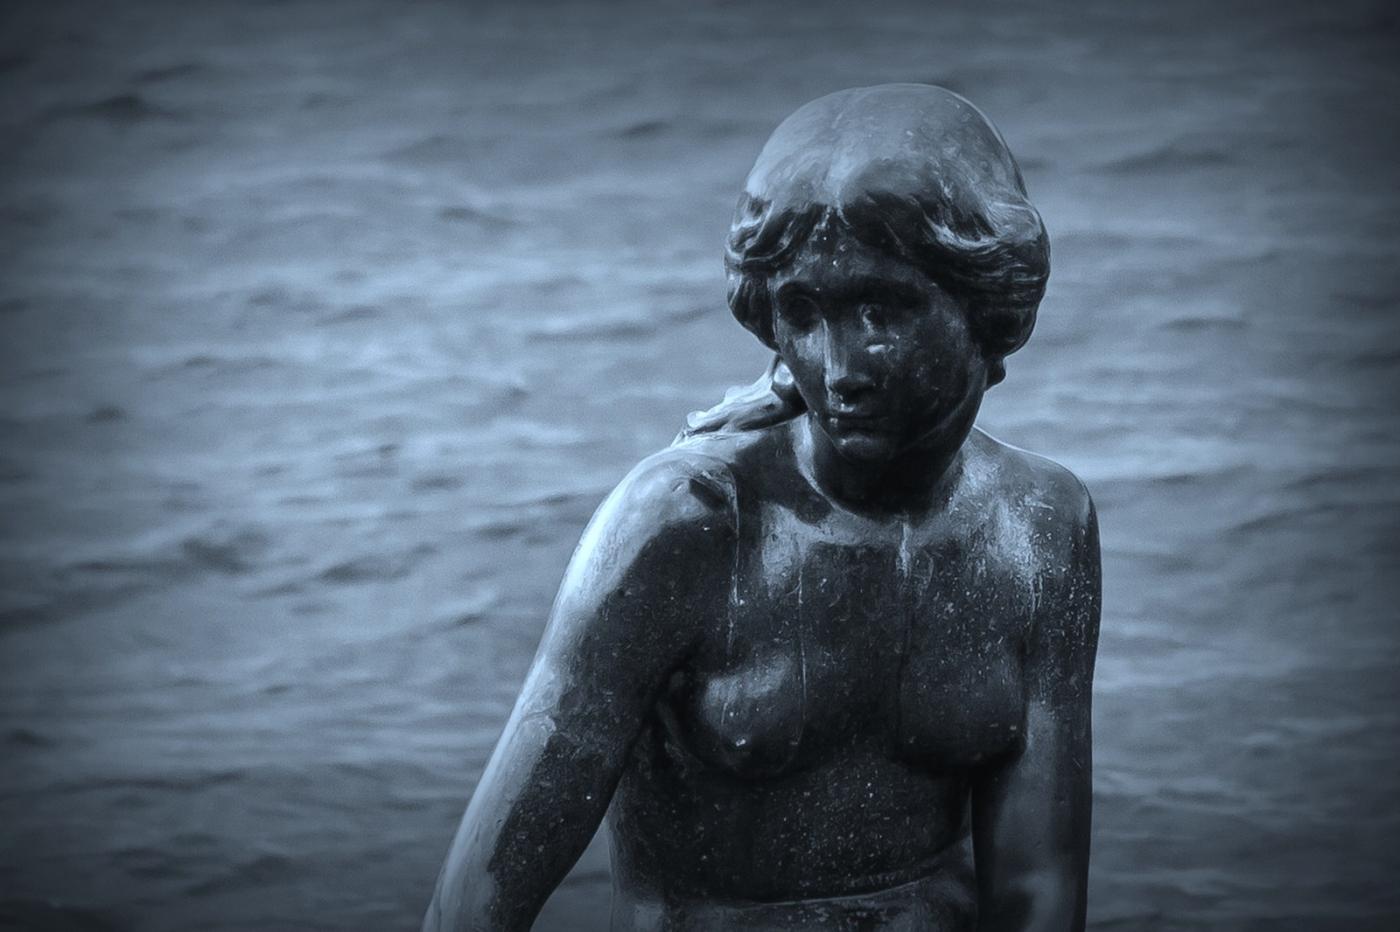 丹麦美人鱼雕像,雕塑家妻子为蓝本_图1-13